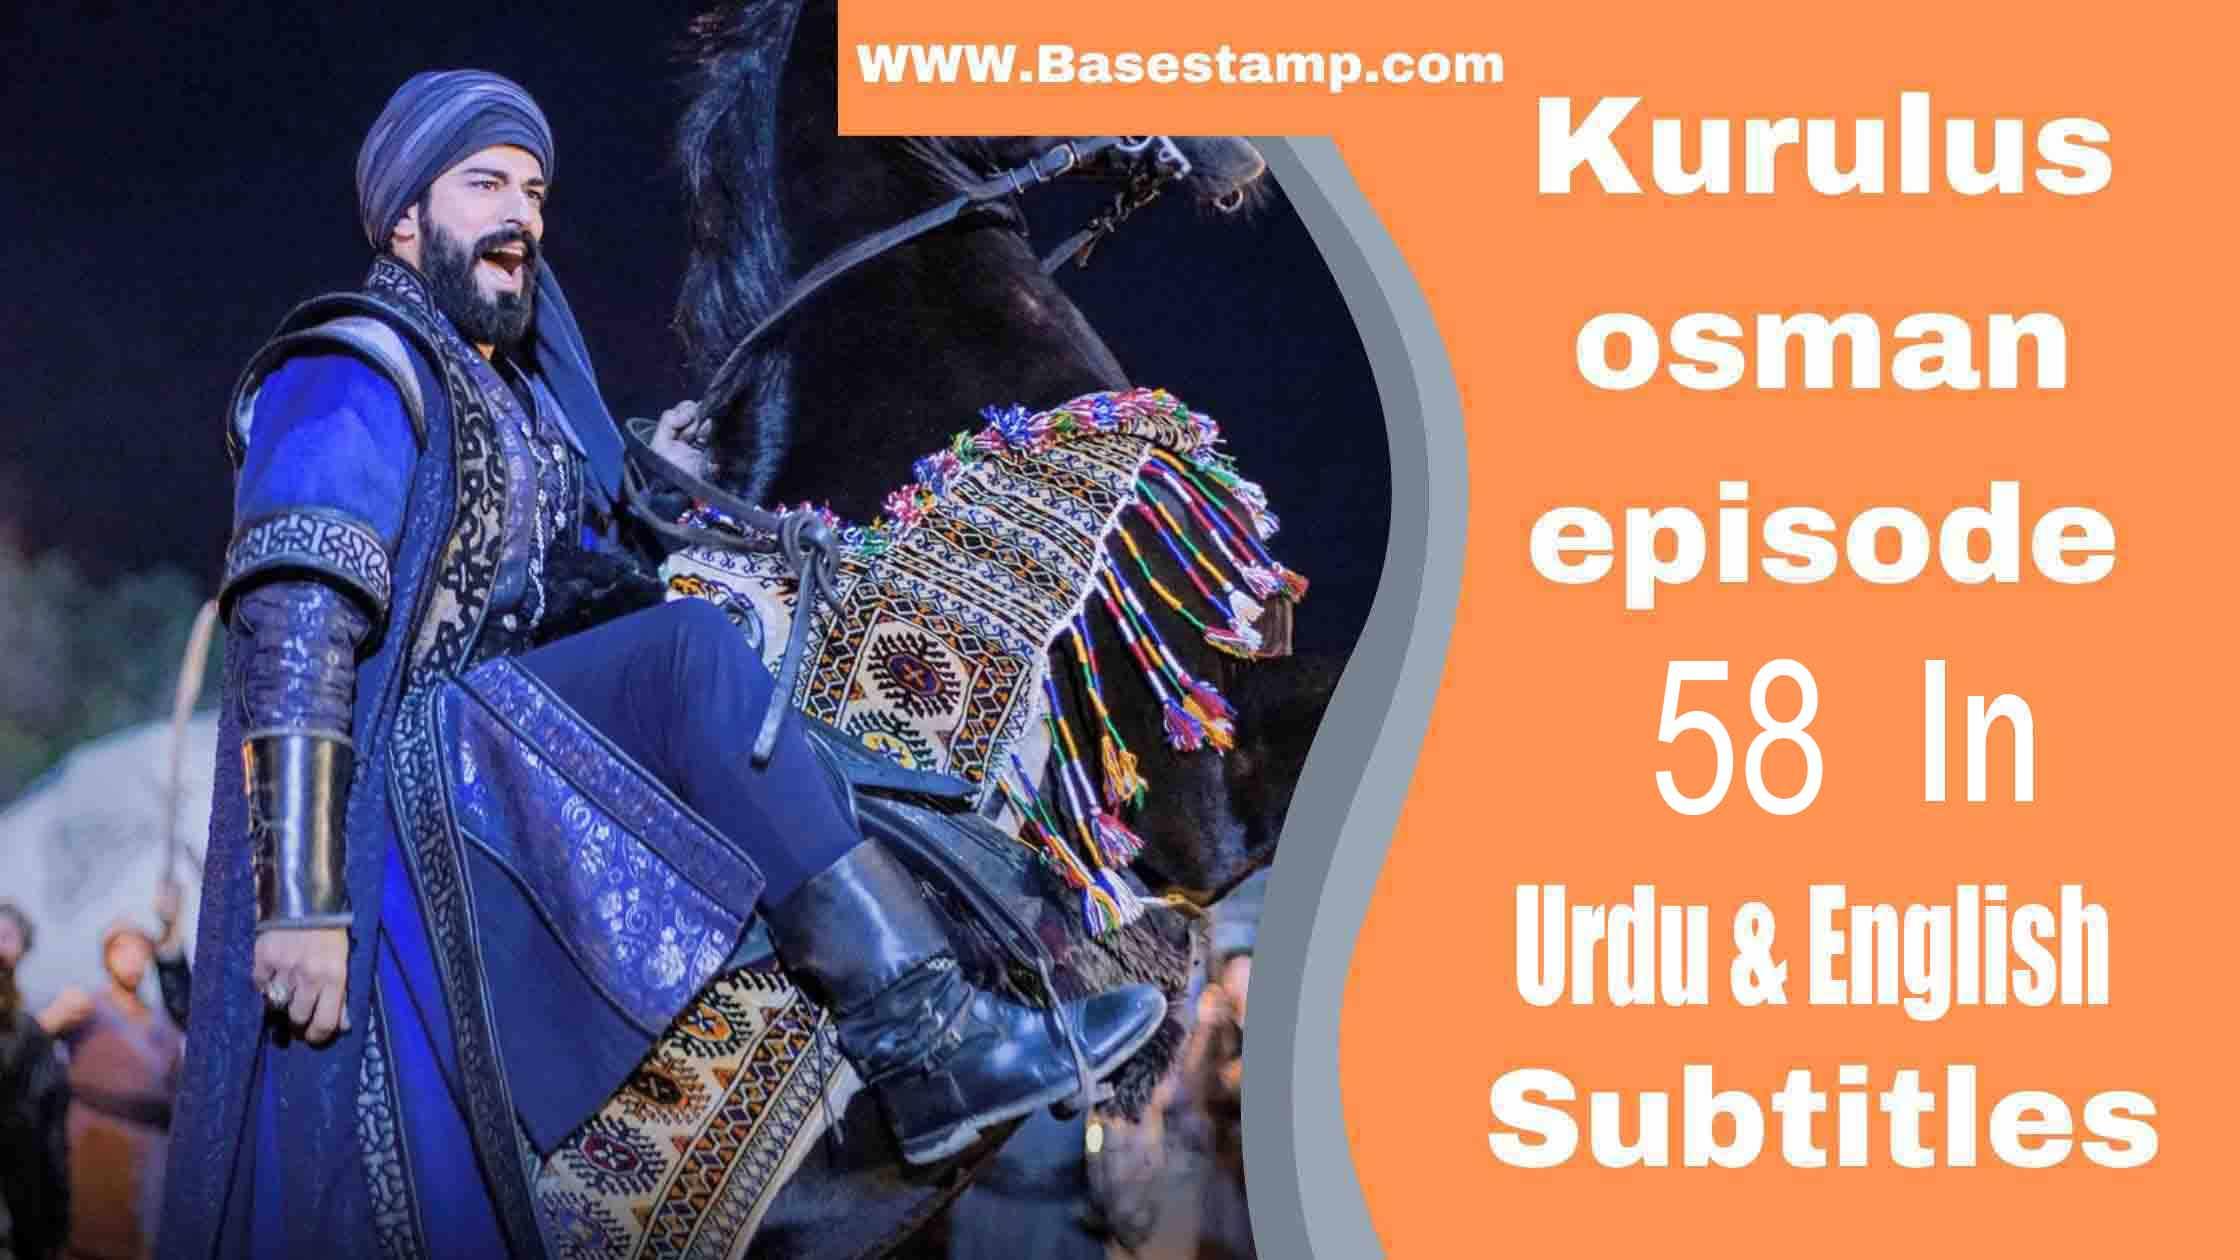 ▷❤️Kurulus Osman Season 2 Episode 58 In Urdu & English Subtitles